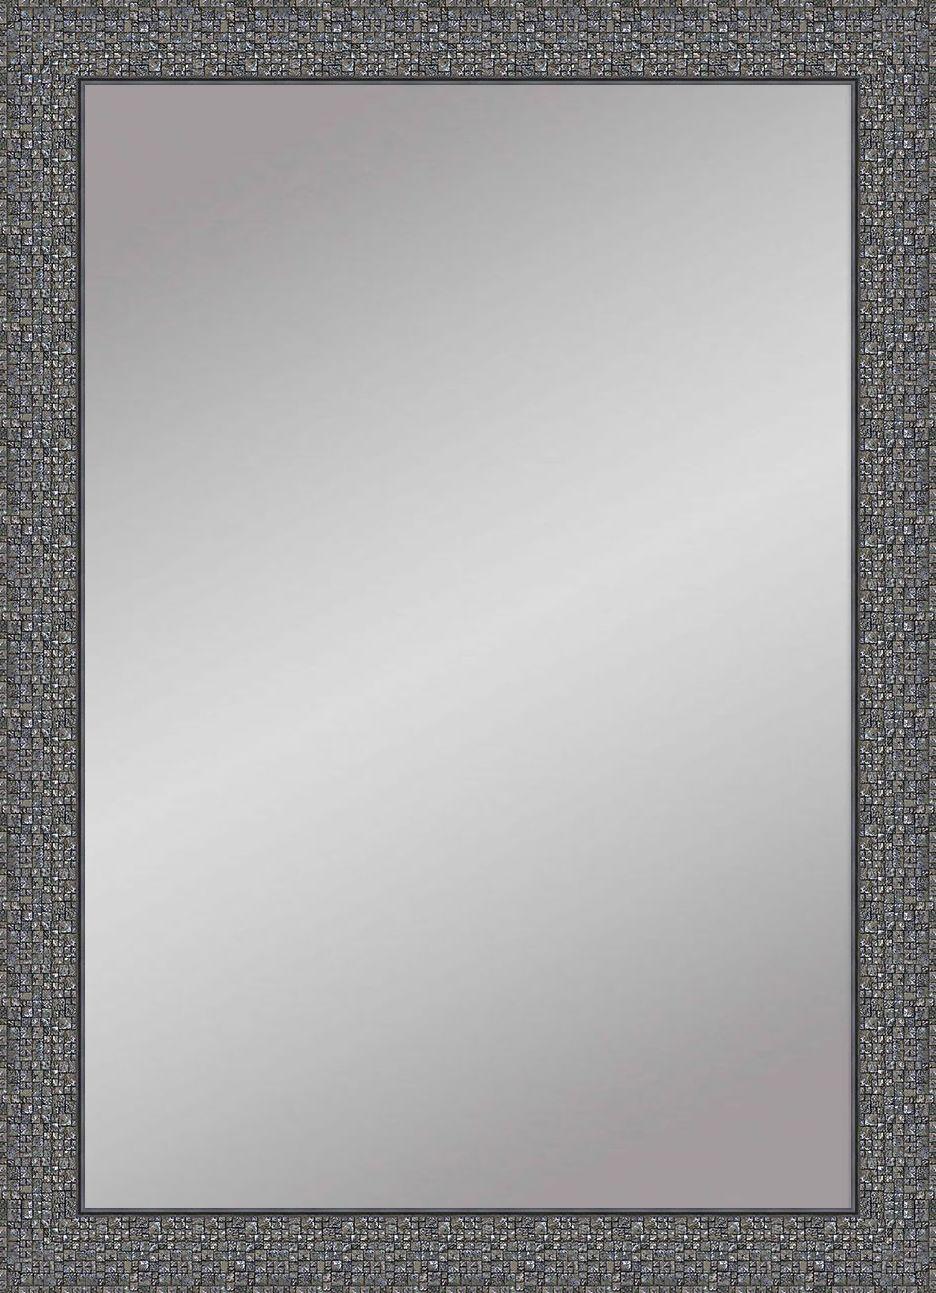 Купить Зеркало в раме З 55/80 (1) крз6 в5, 8Л1281